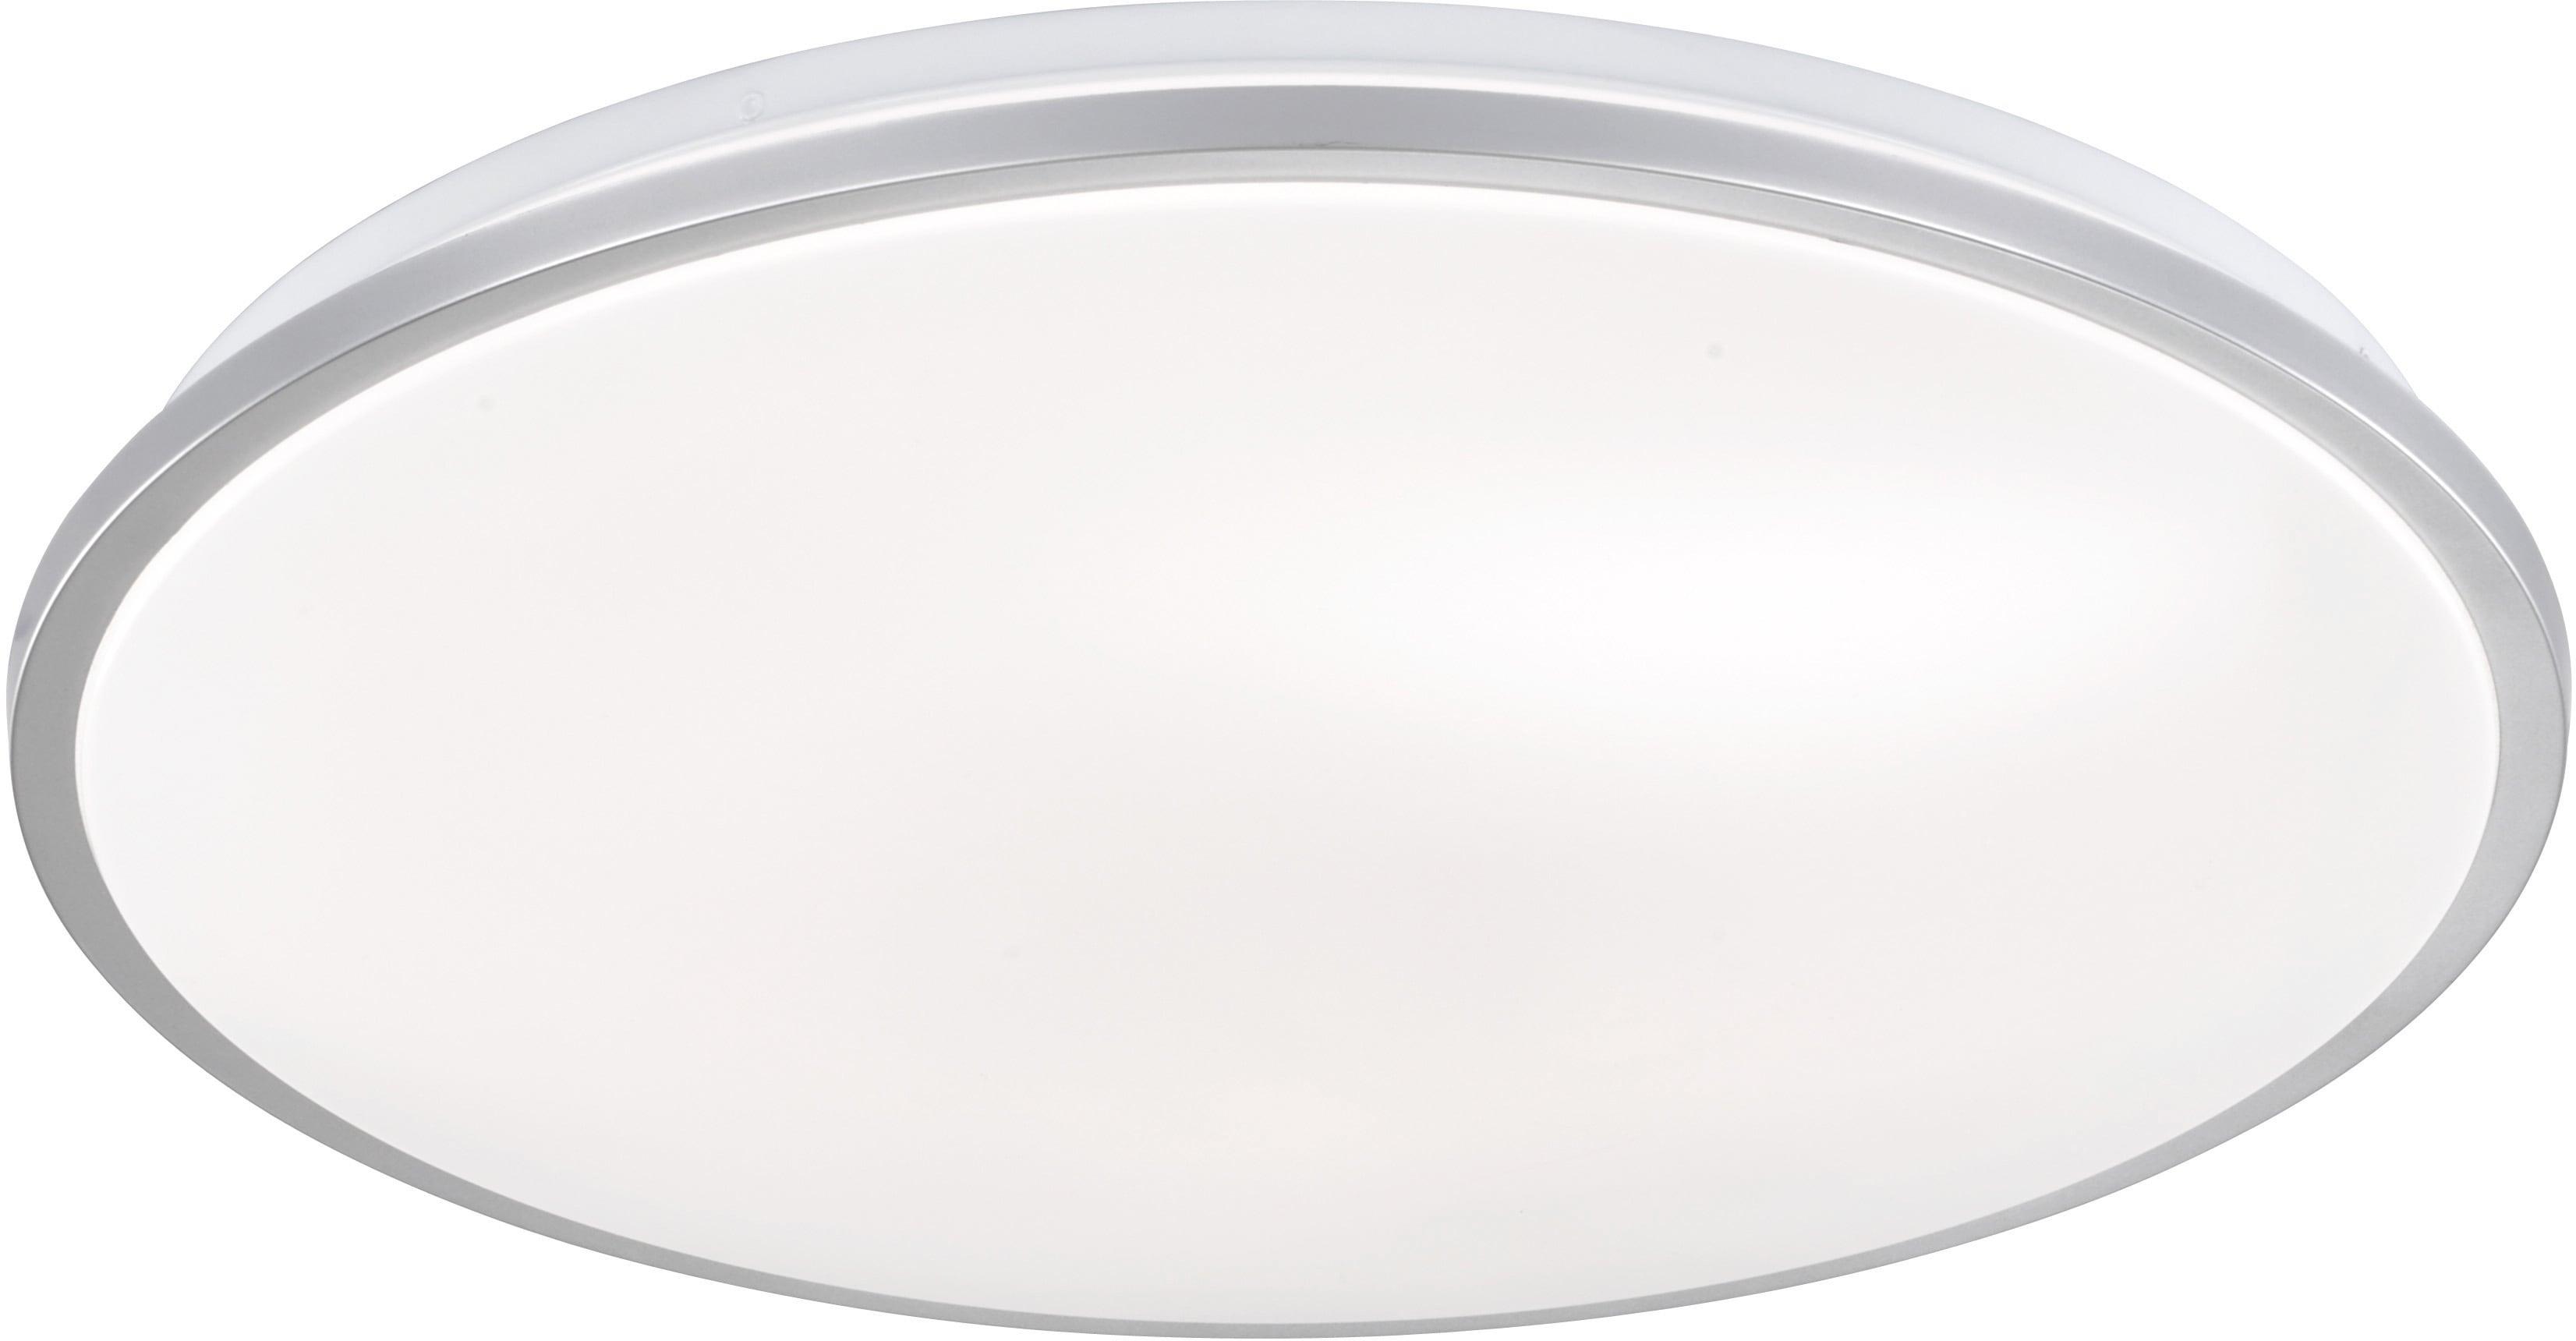 FISCHER & HONSEL LED Deckenleuchte Jaso, LED-Board, 1 St., Warmweiß